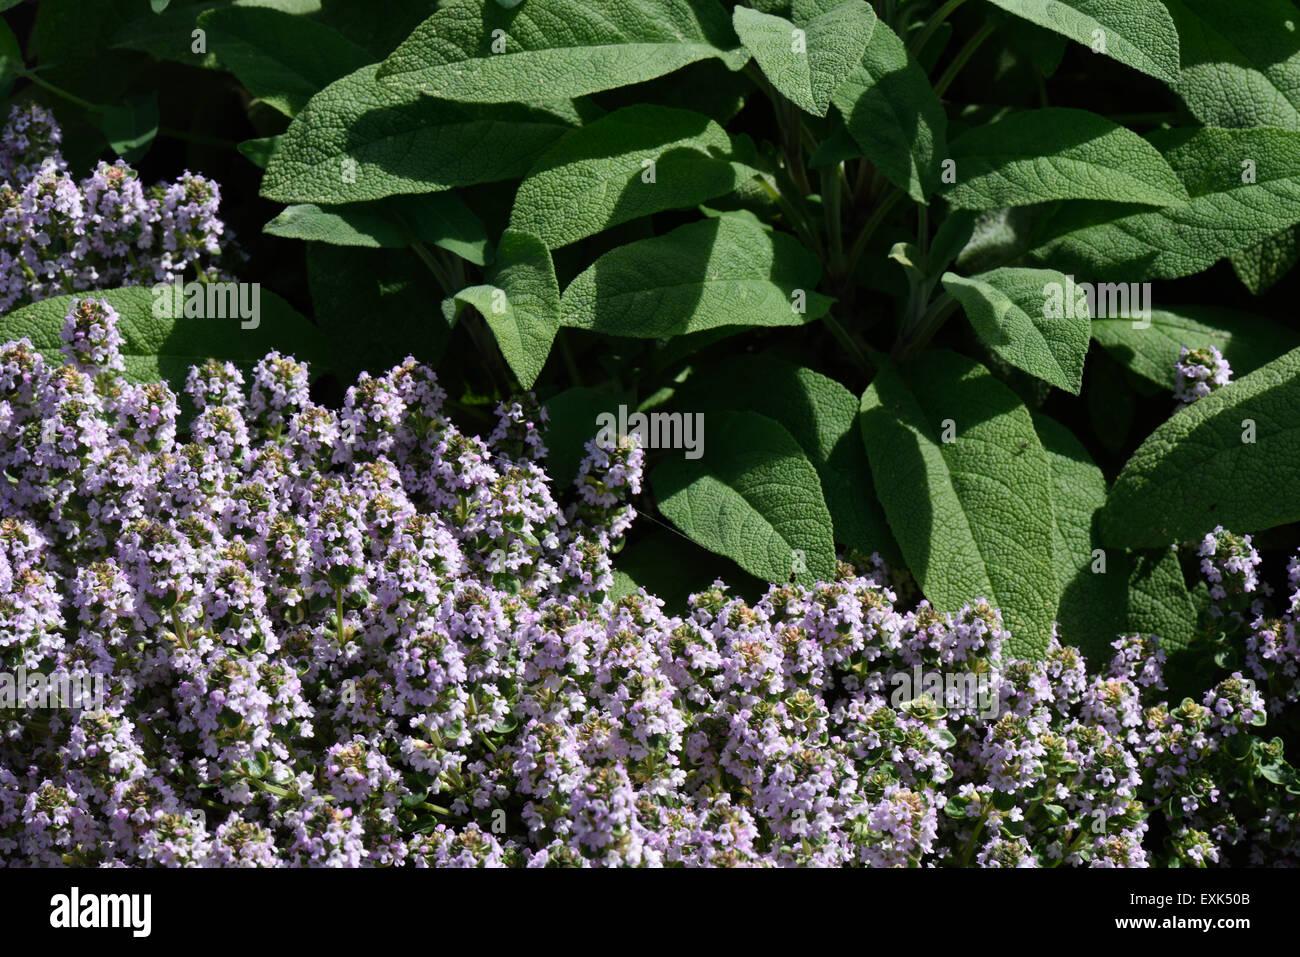 Cama levantada de hierbas culinarias, tomillo y Salvia (floración) para su uso en la cocina Imagen De Stock